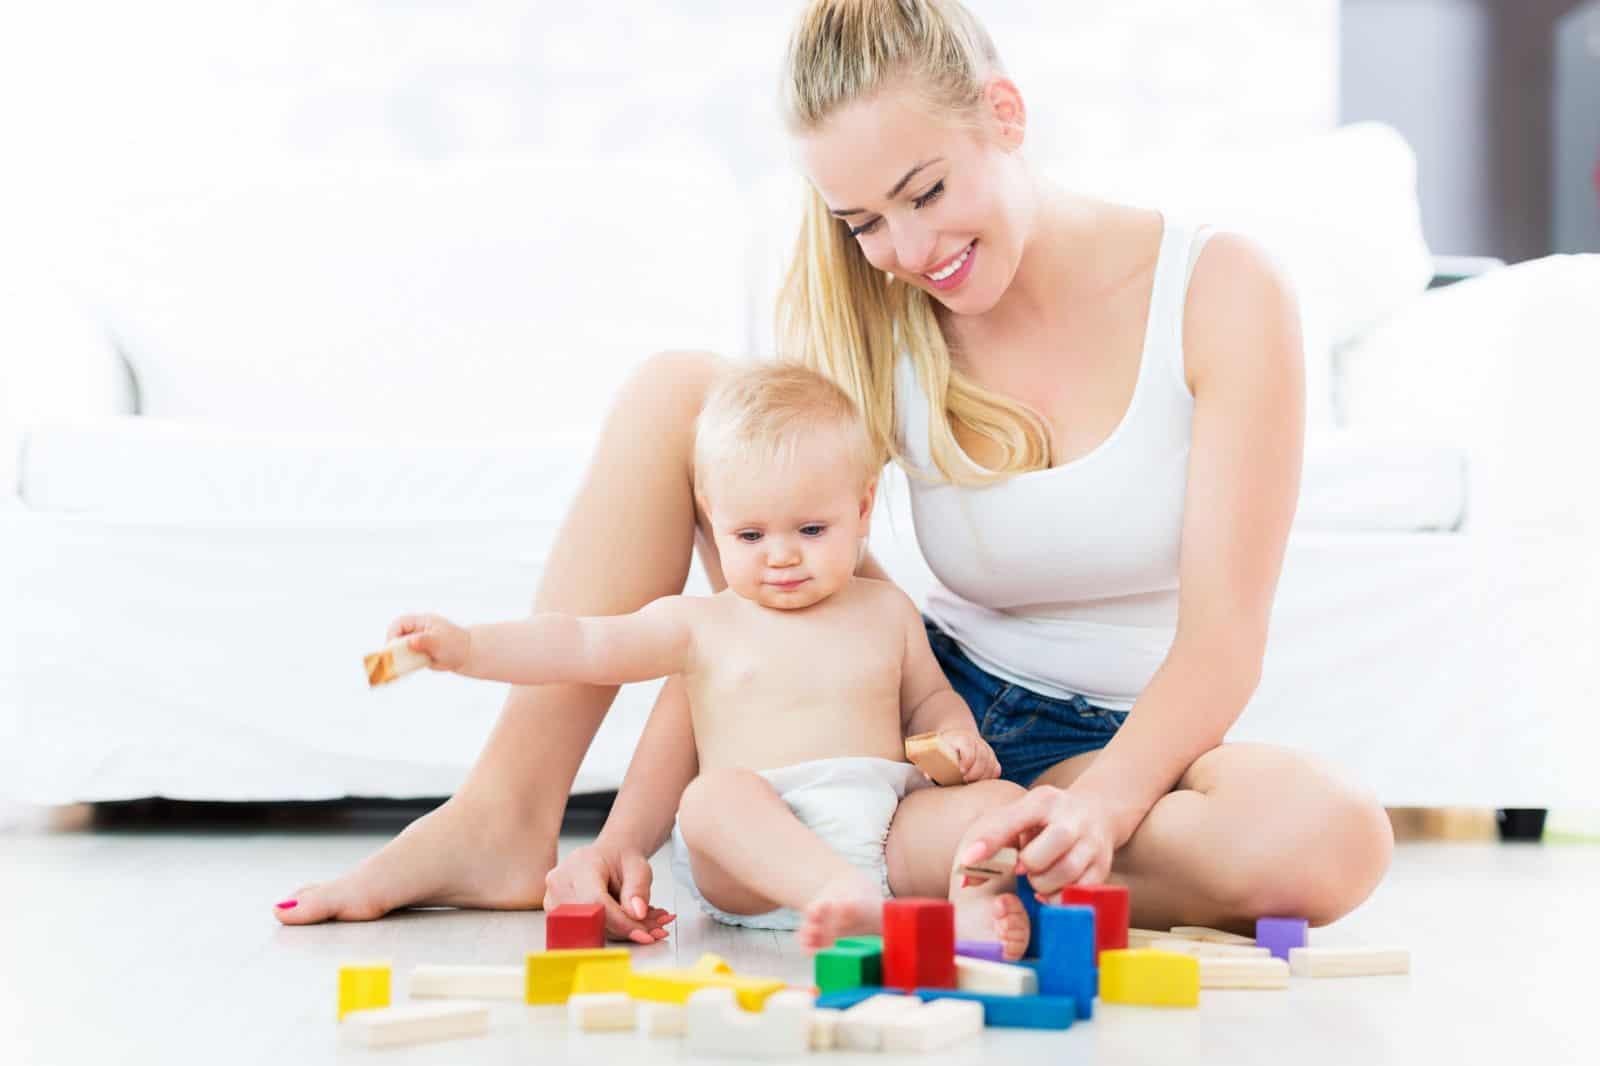 выплаты на второго ребенка